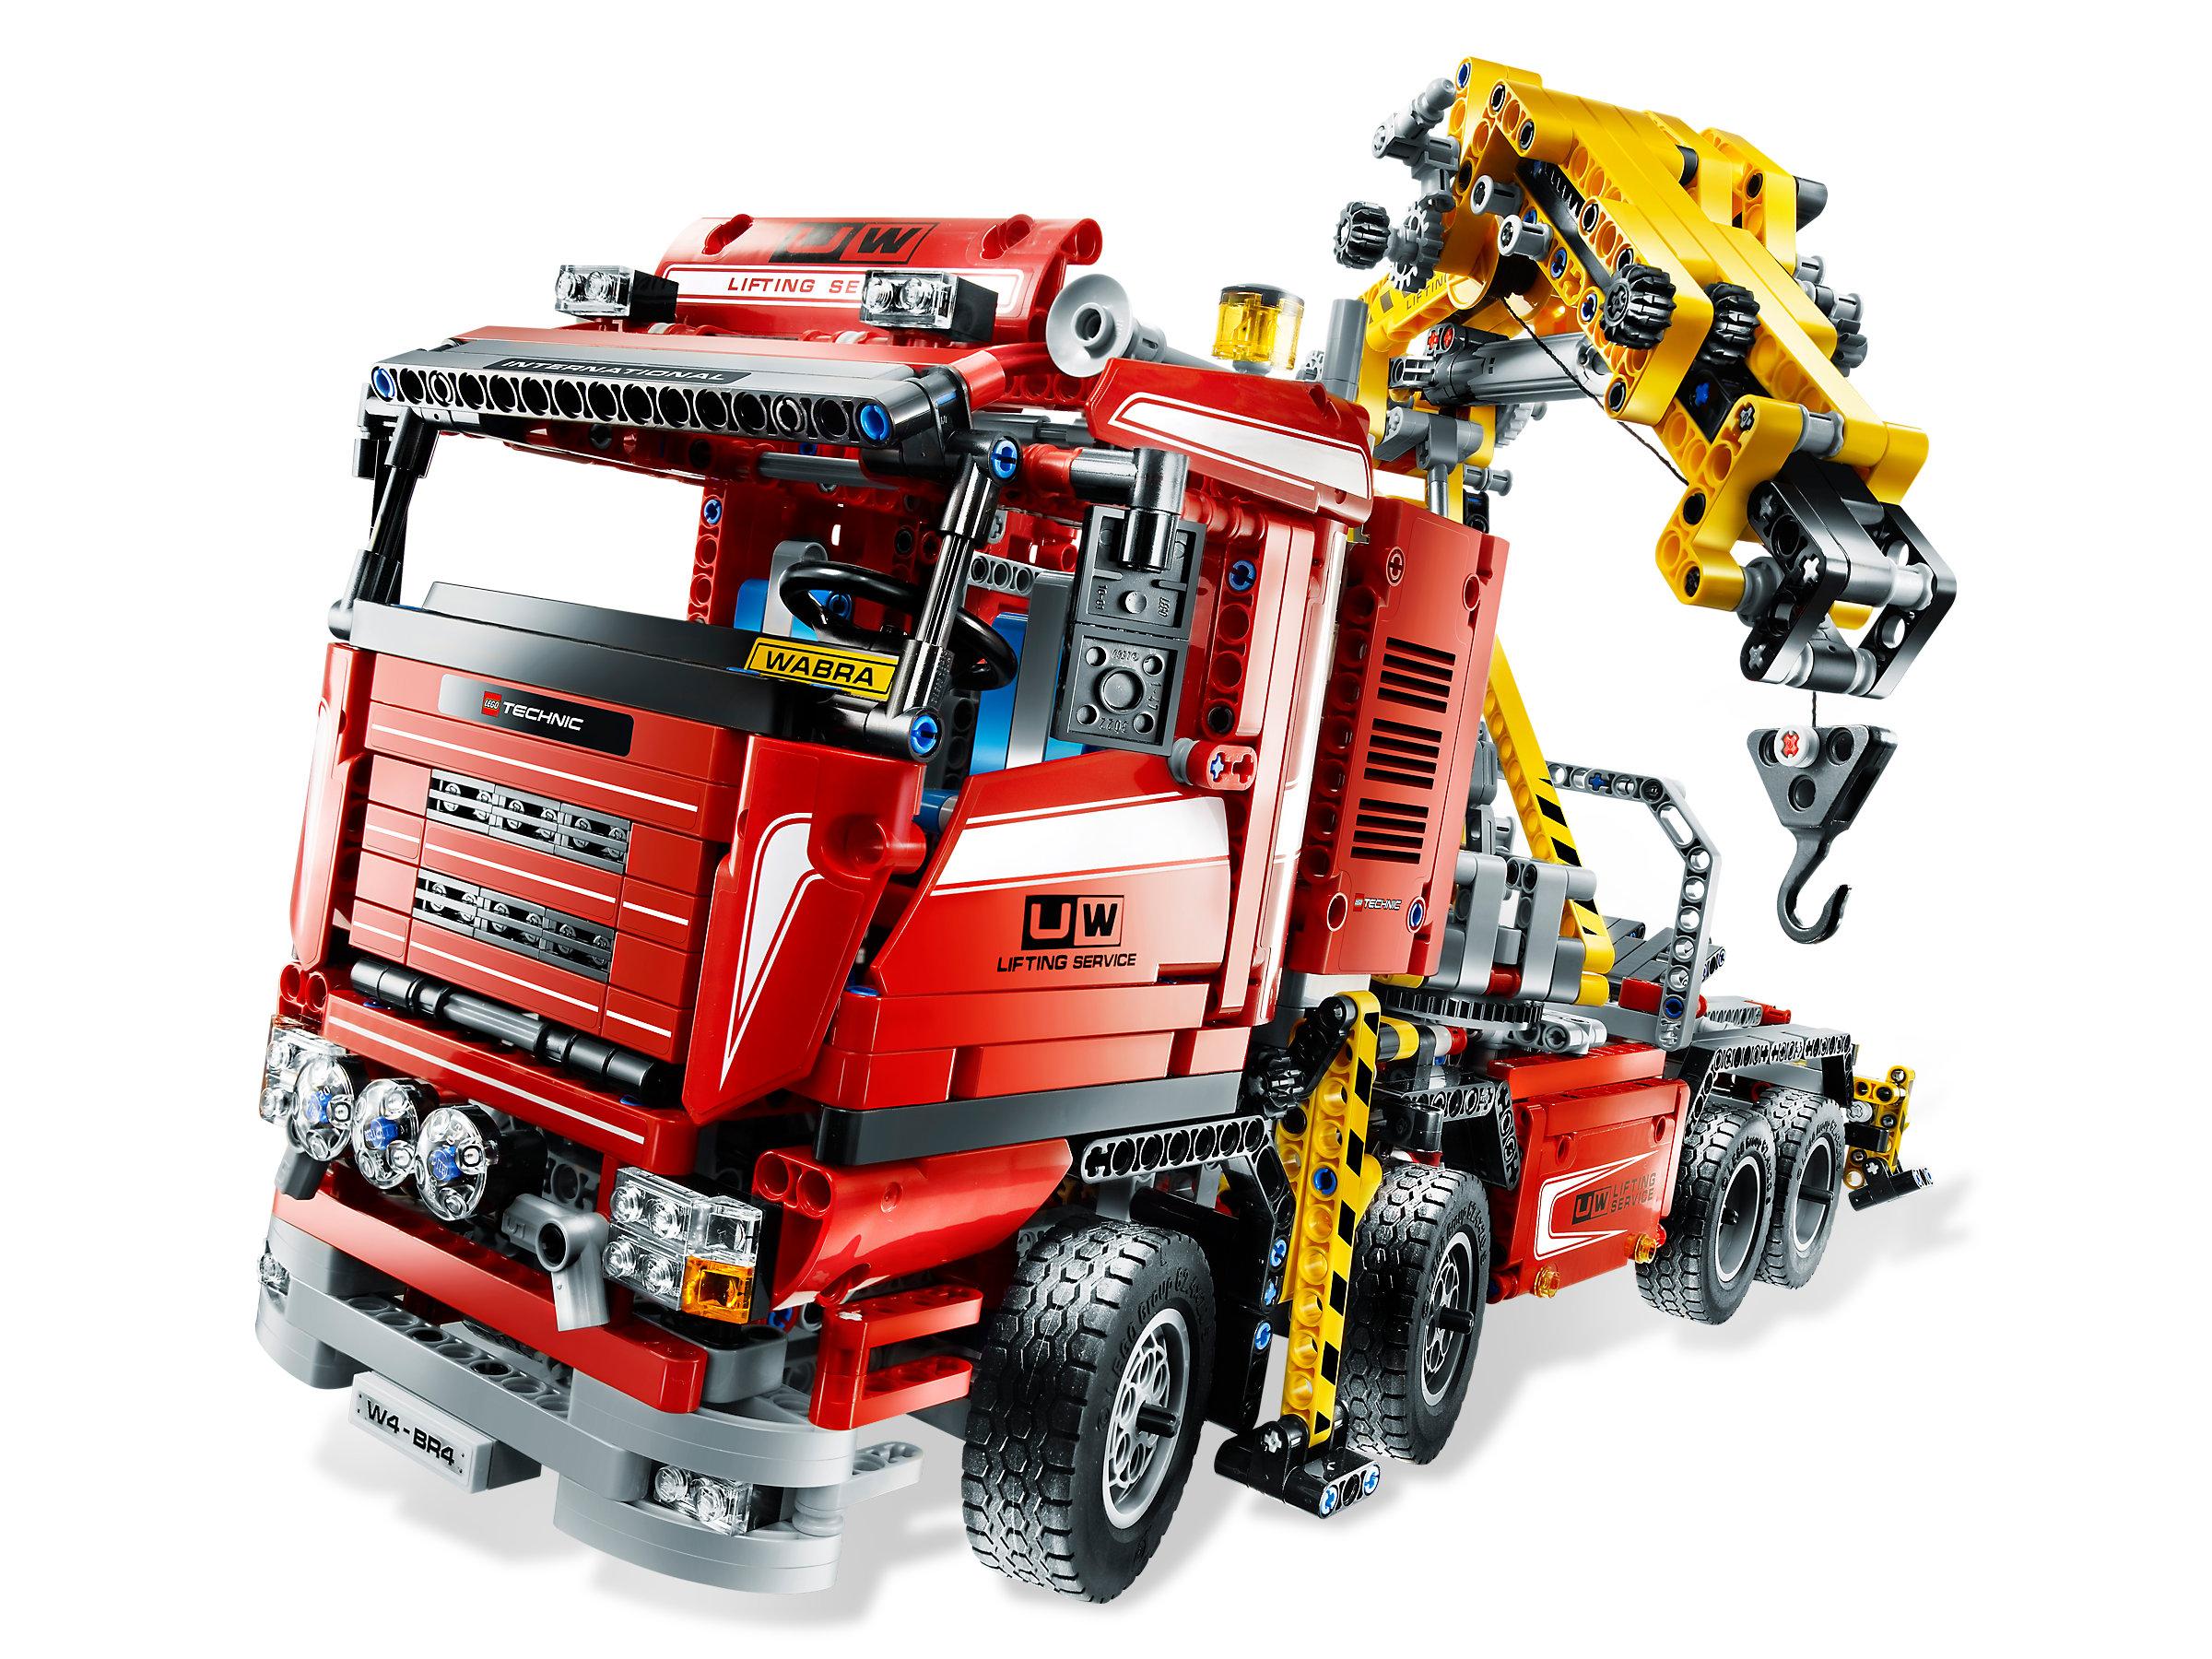 truck mit power schwenkkran 8258 1. Black Bedroom Furniture Sets. Home Design Ideas